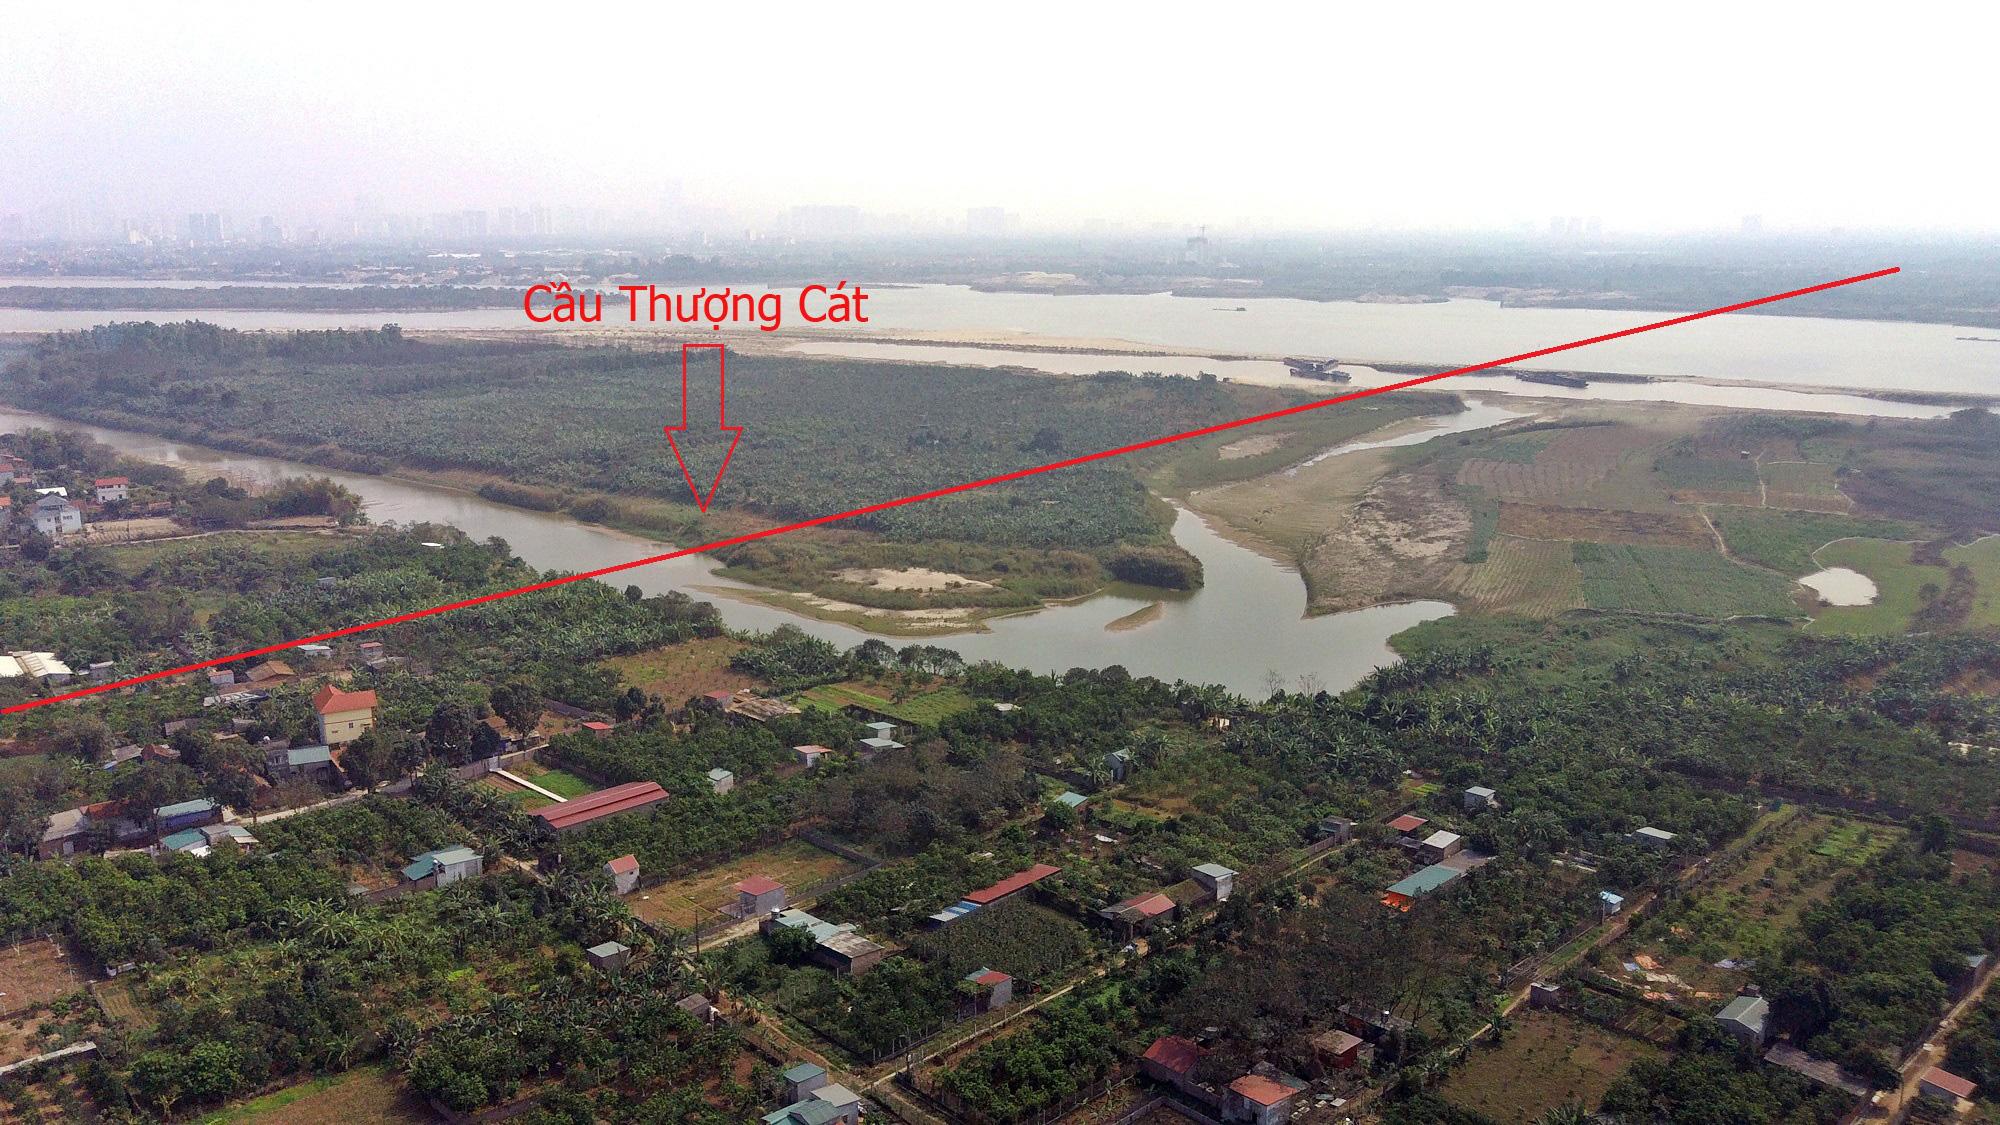 Cầu sẽ mở theo qui hoạch ở Hà Nội: Toàn cảnh cầu Thượng Cát nối Bắc Từ Liêm với Đông Anh - Ảnh 10.